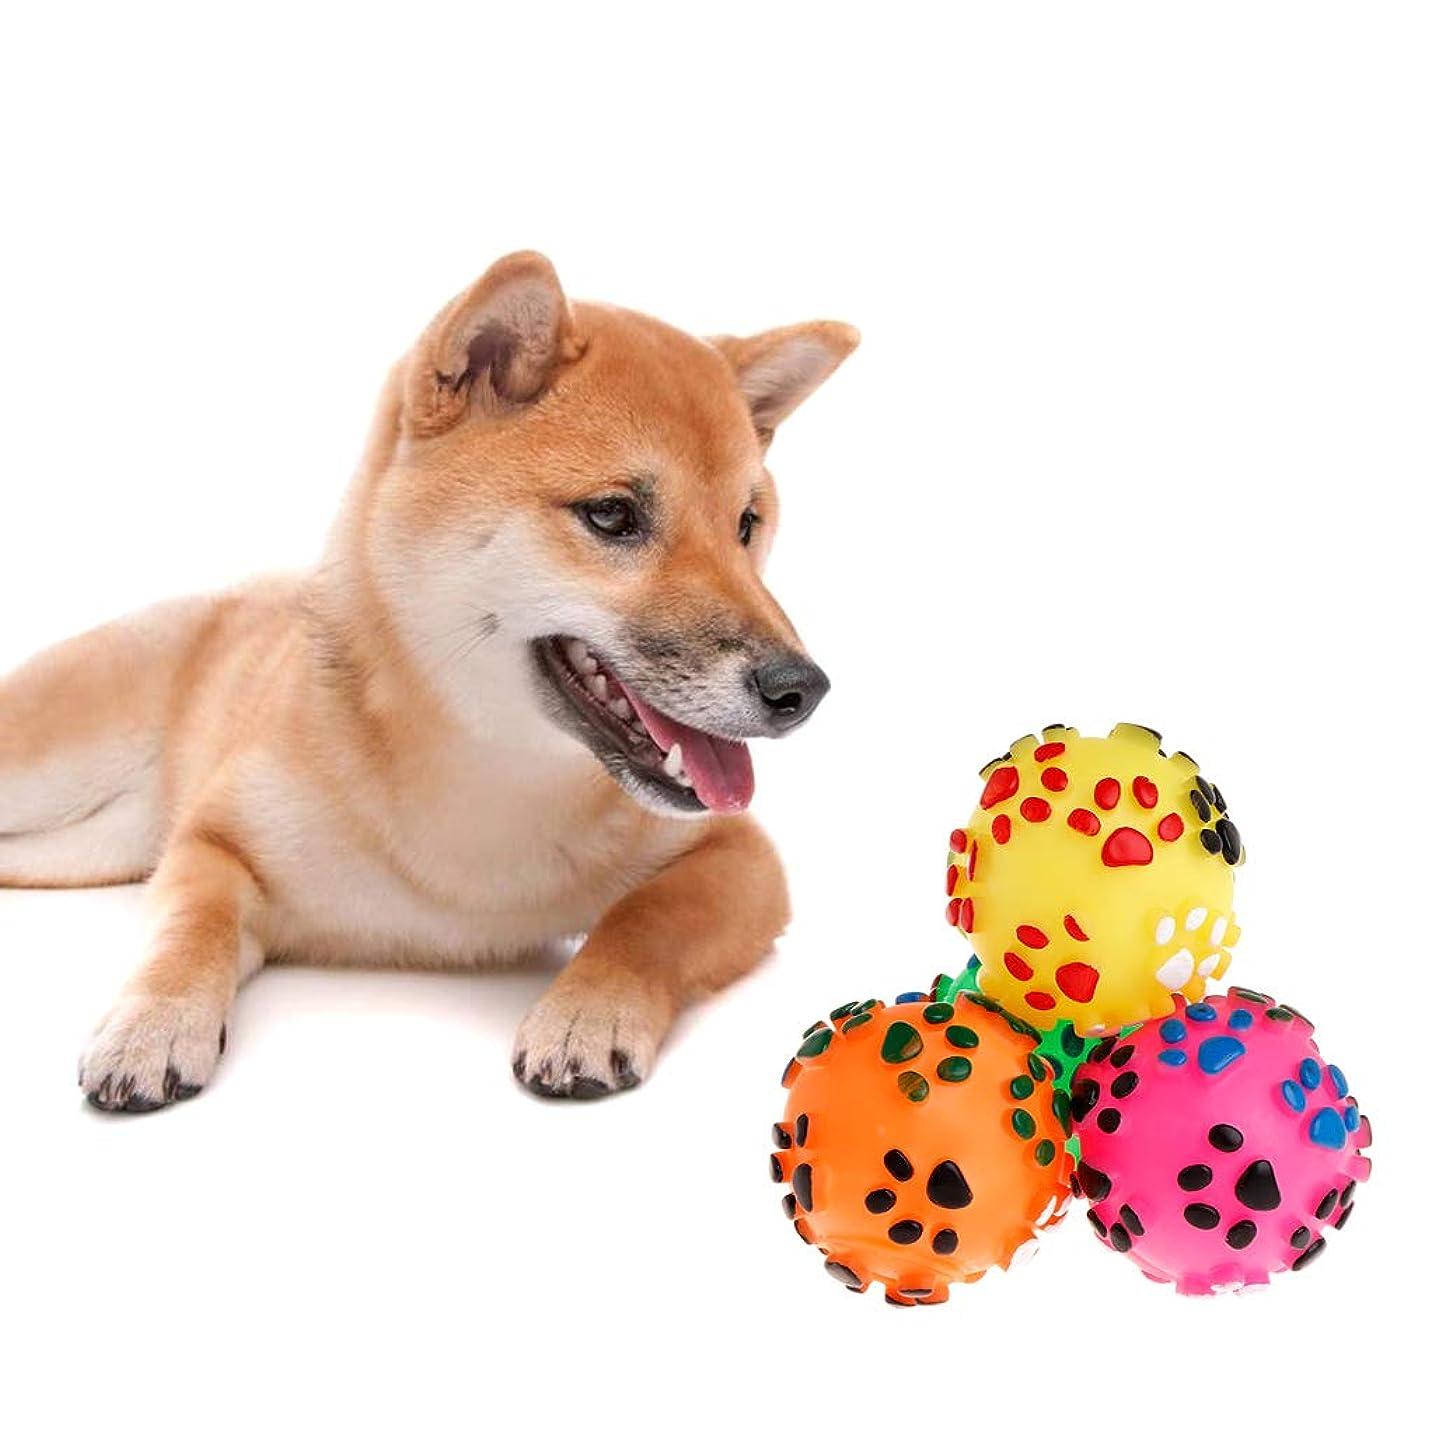 カウントアップ虚弱シンプルさYhiptop ペットのおもちゃボールラバーソフトフットプリントボールプレイインタラクティブ犬子犬猫マッサージきしむ臼歯噛む噛むおもちゃ用品